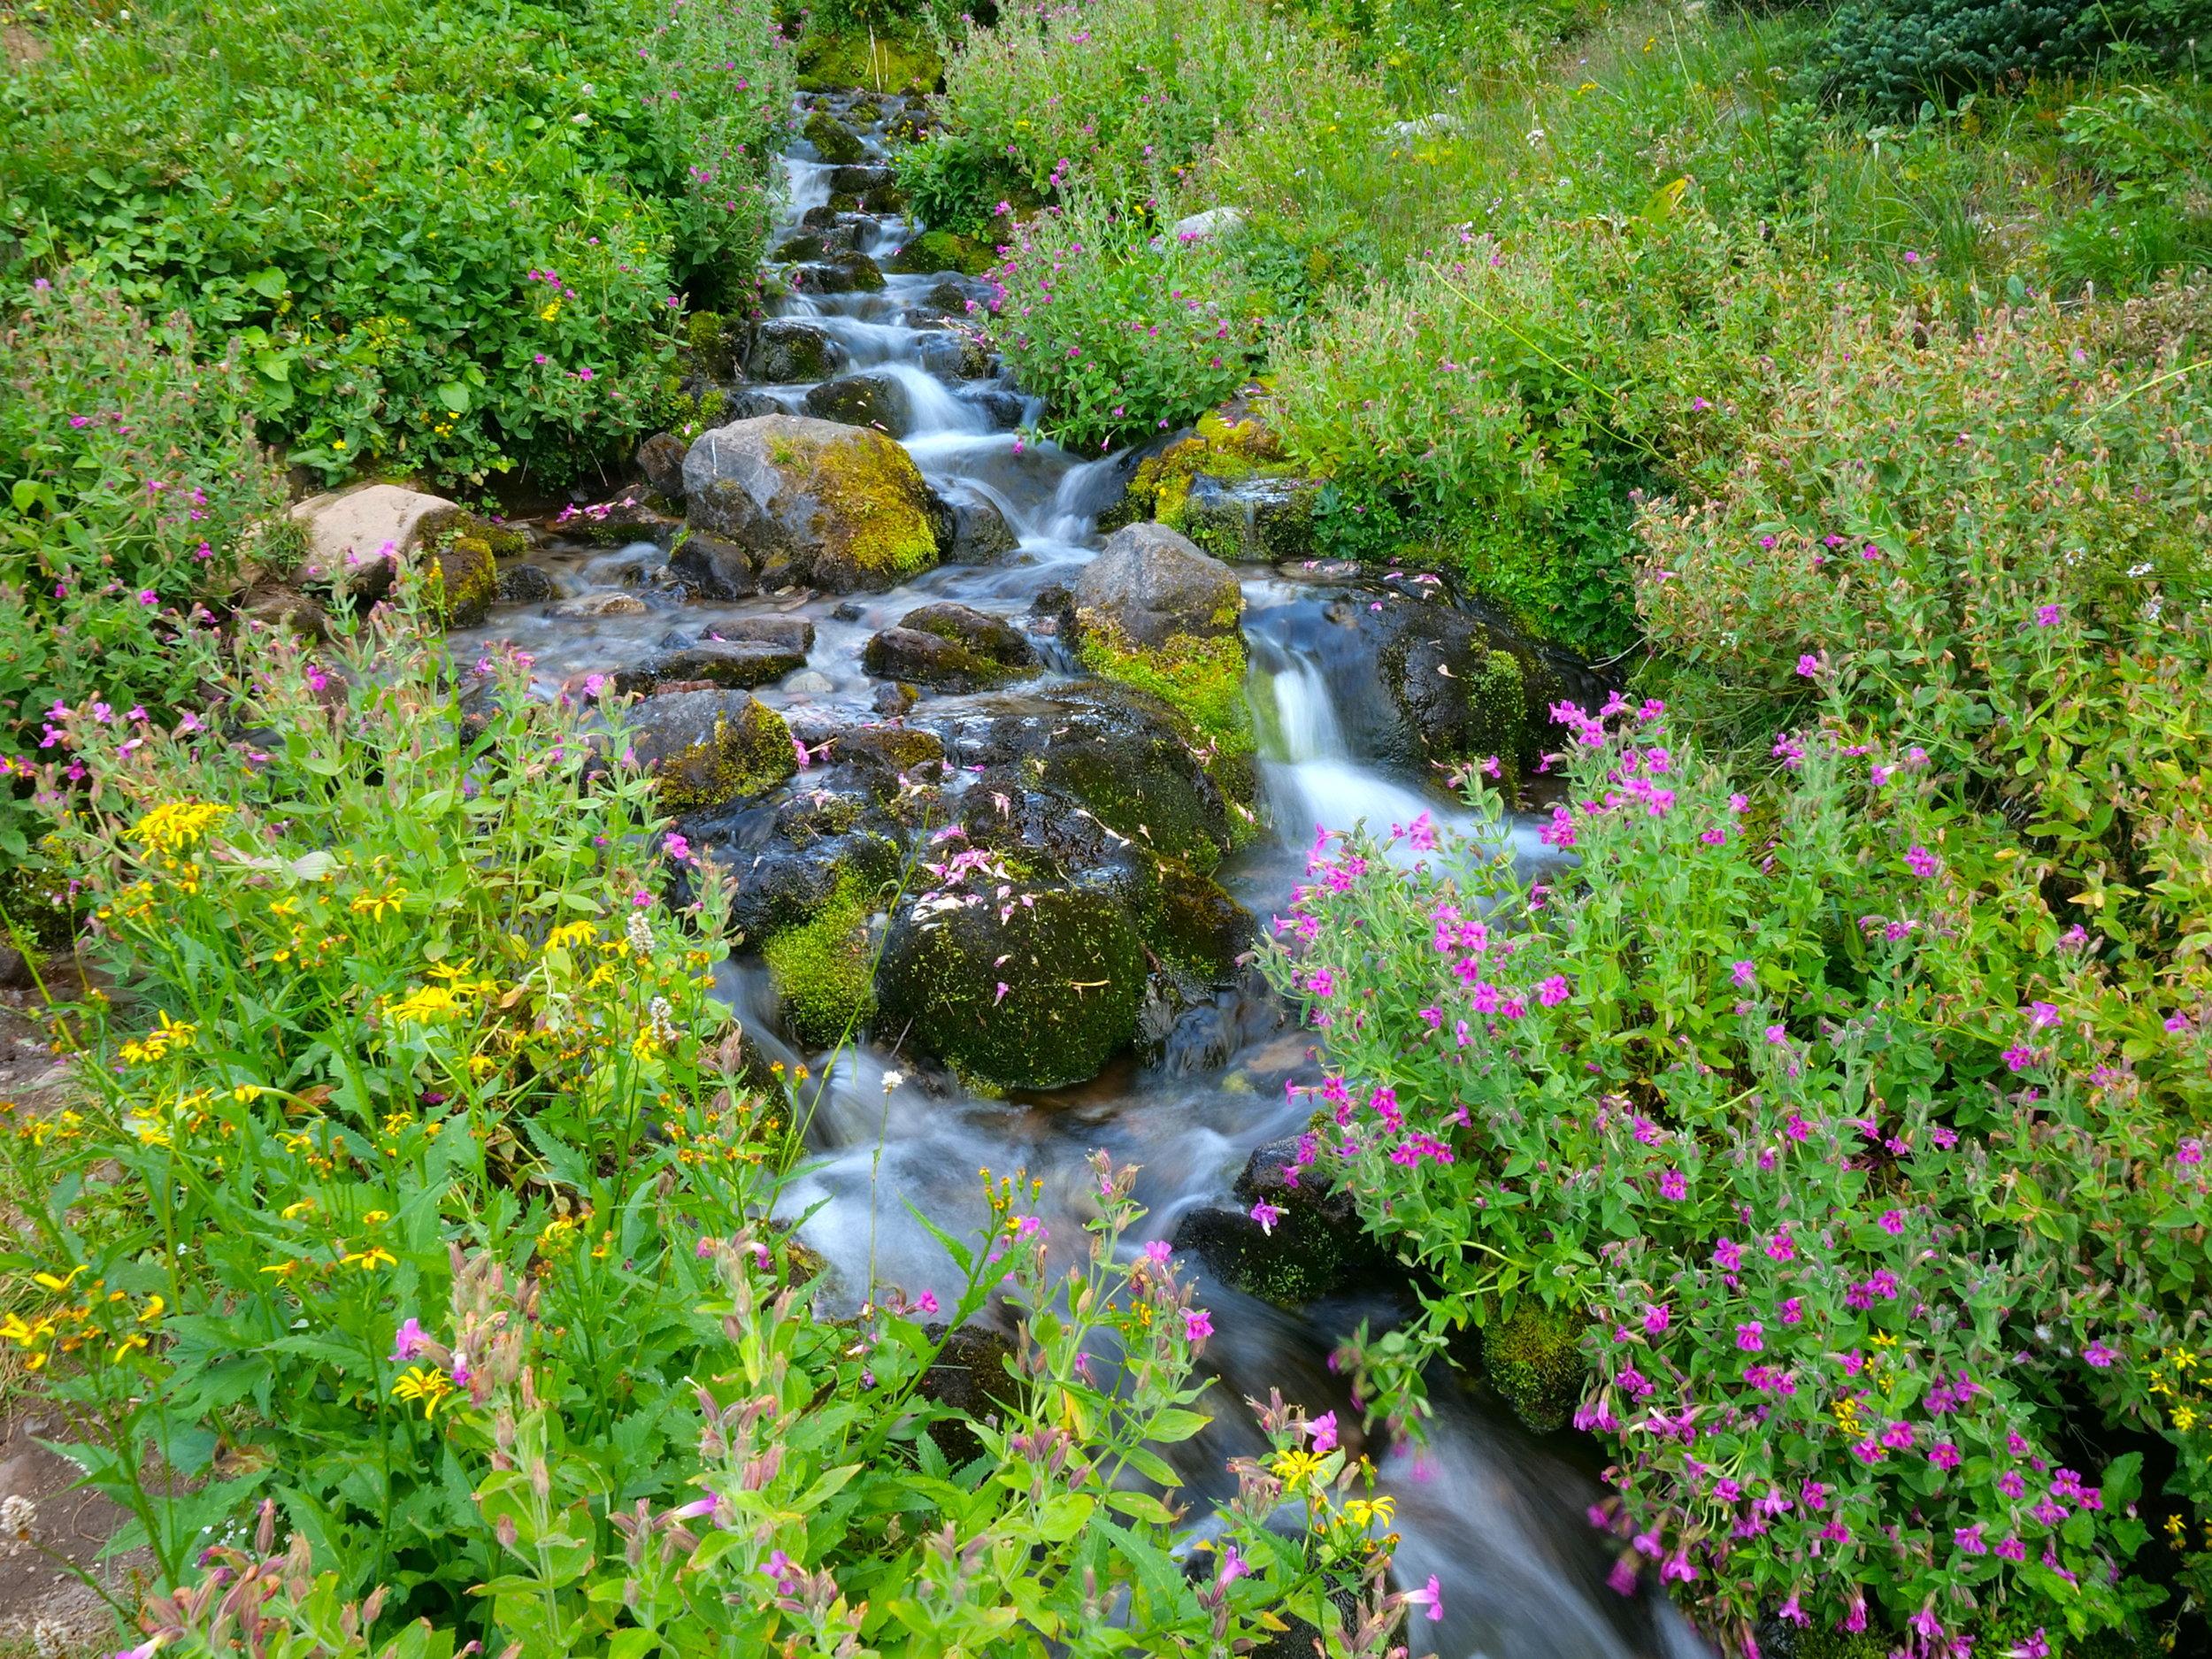 Lodi Creek nourishes a constant bloom even late season